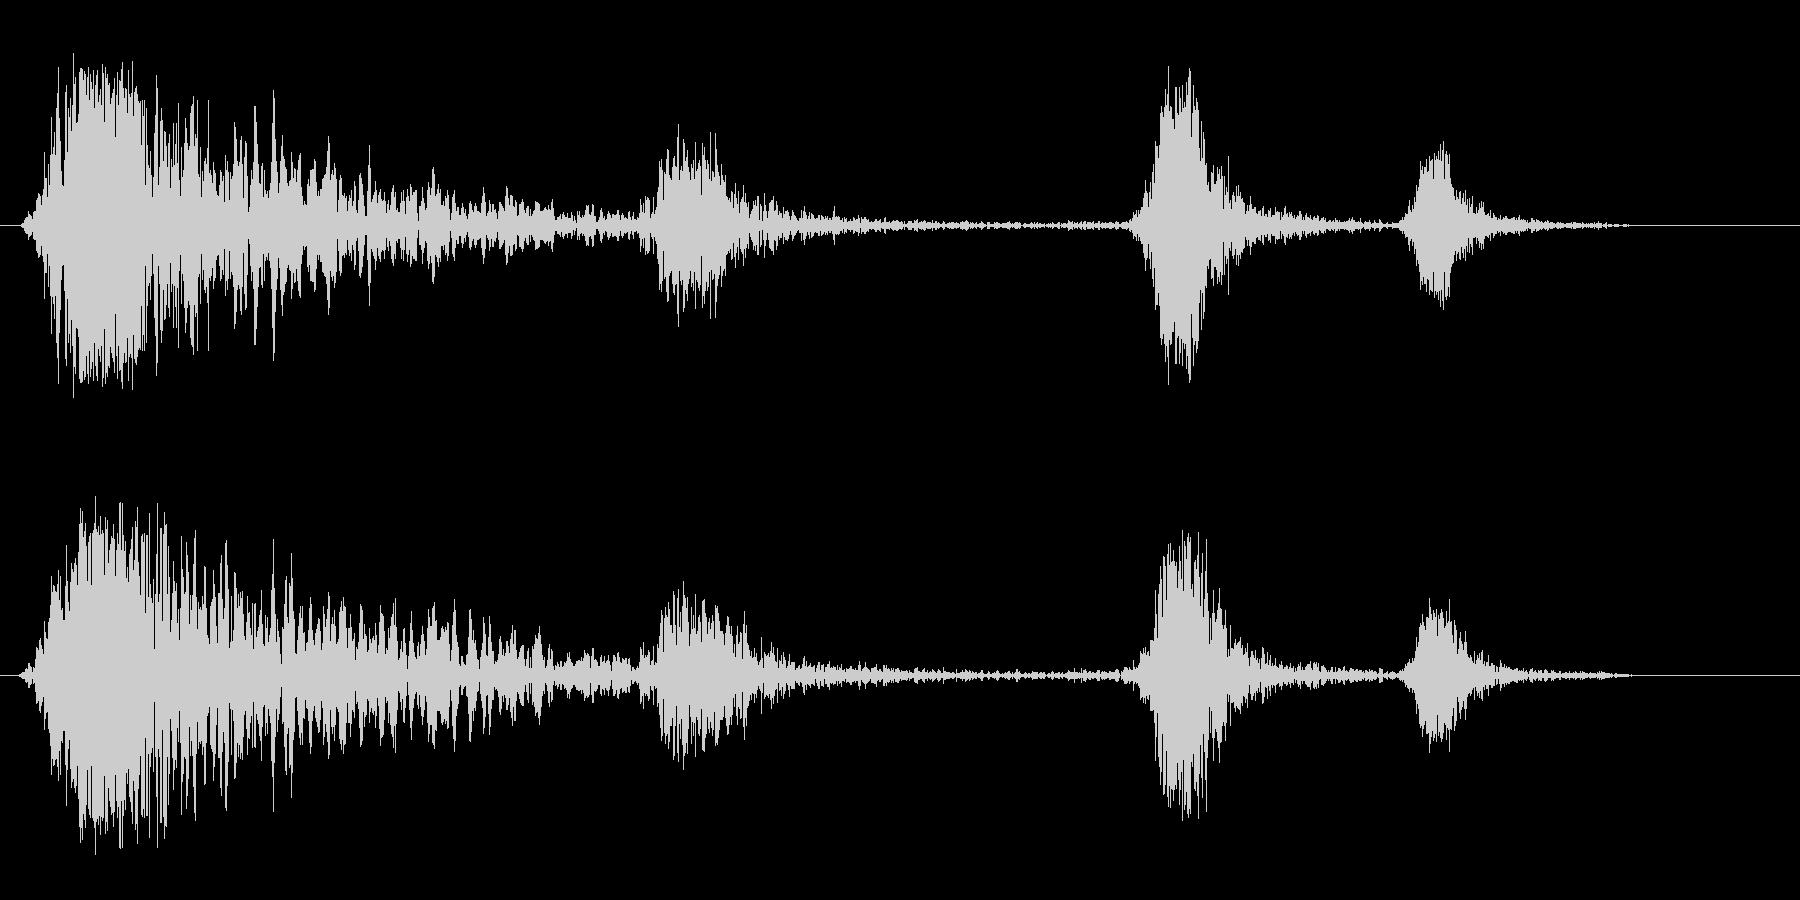 シュンシュン(発射音)の未再生の波形